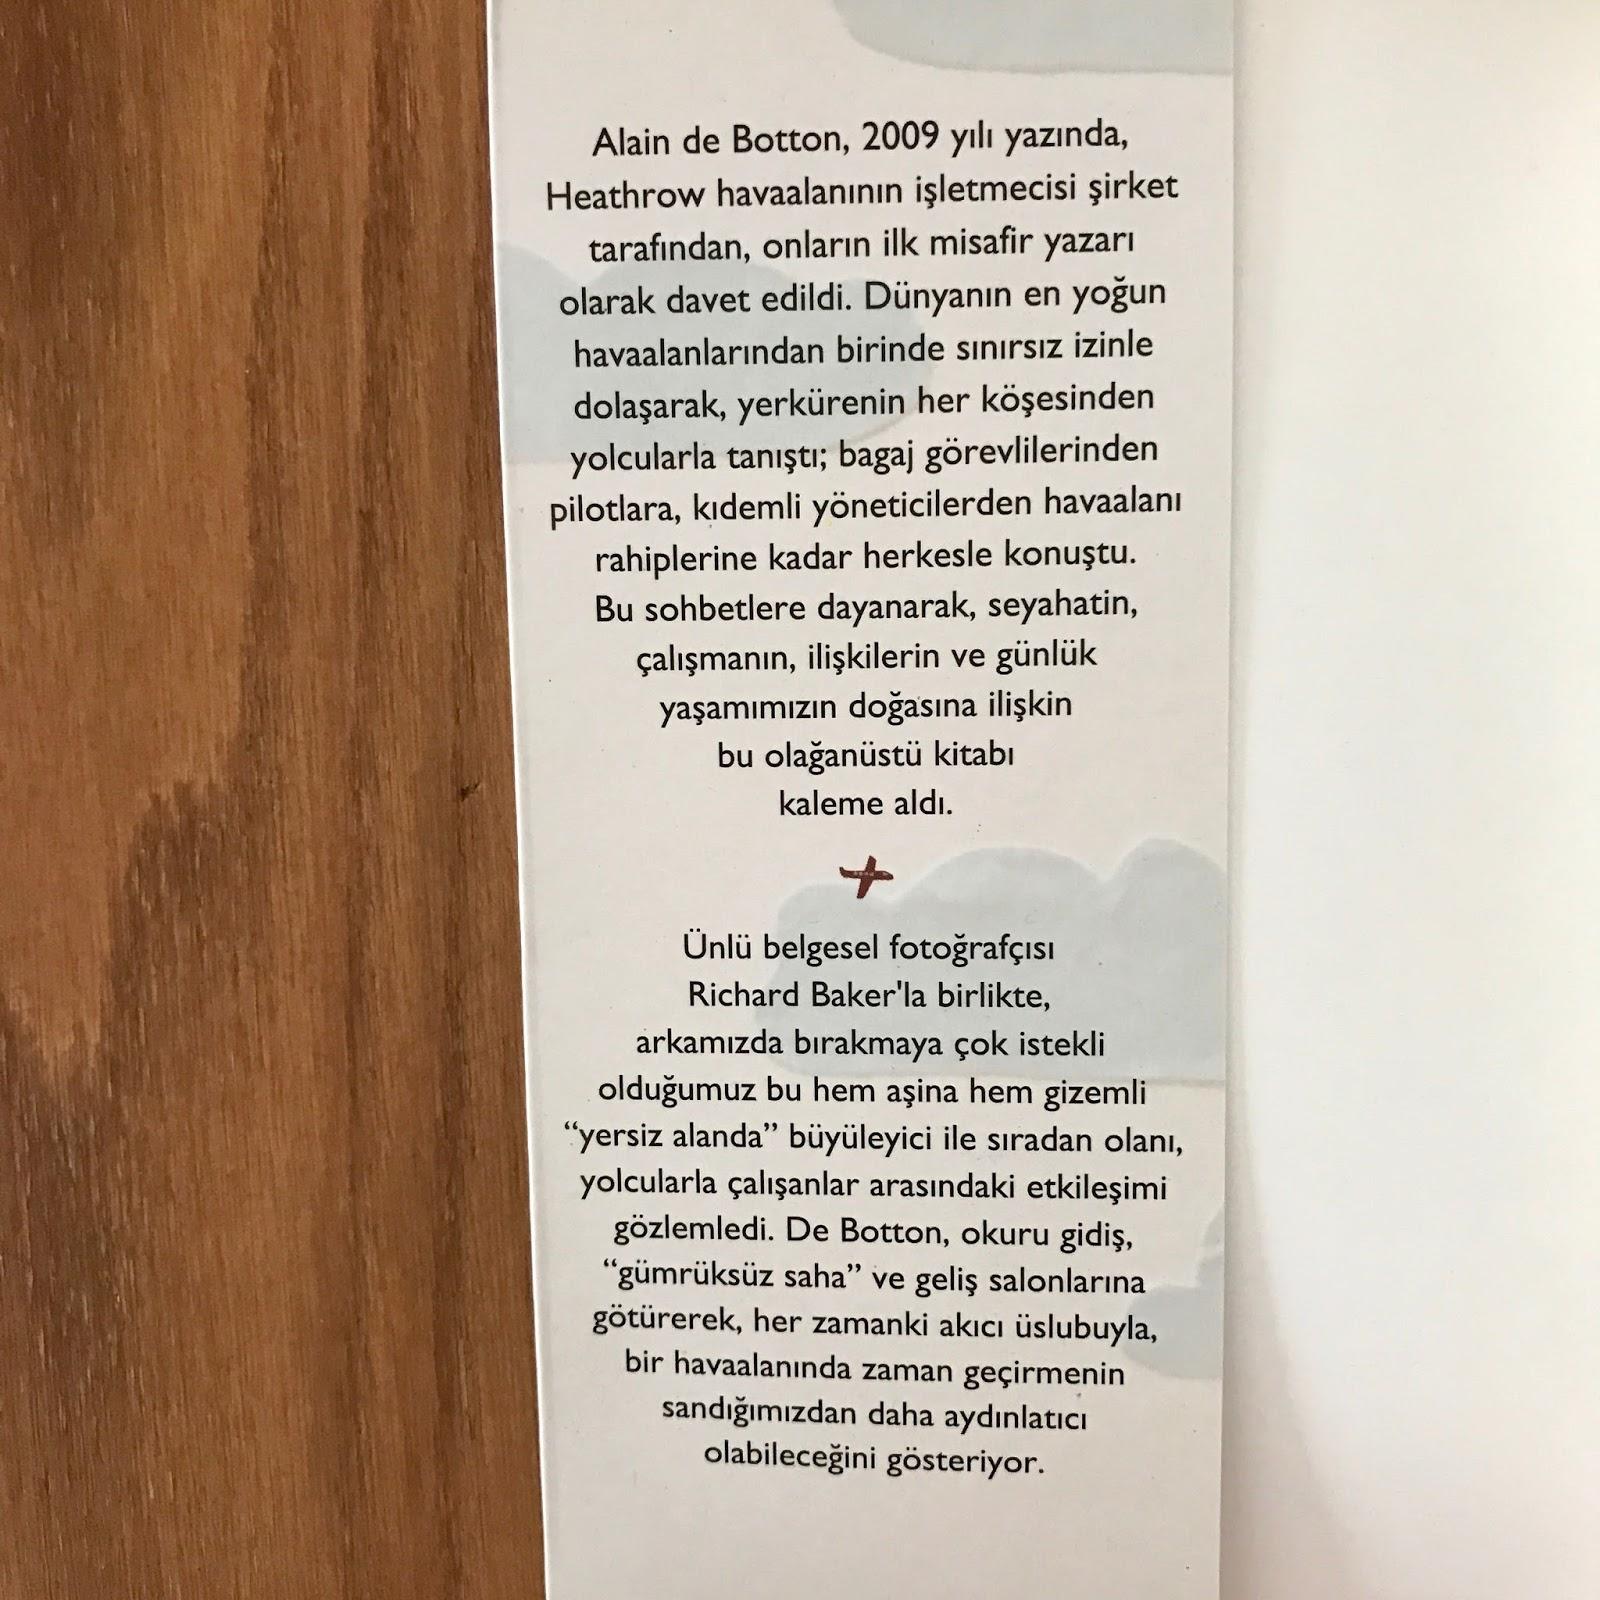 Havalimaninda Bir Hafta - Alain De Botton Ic Kapak